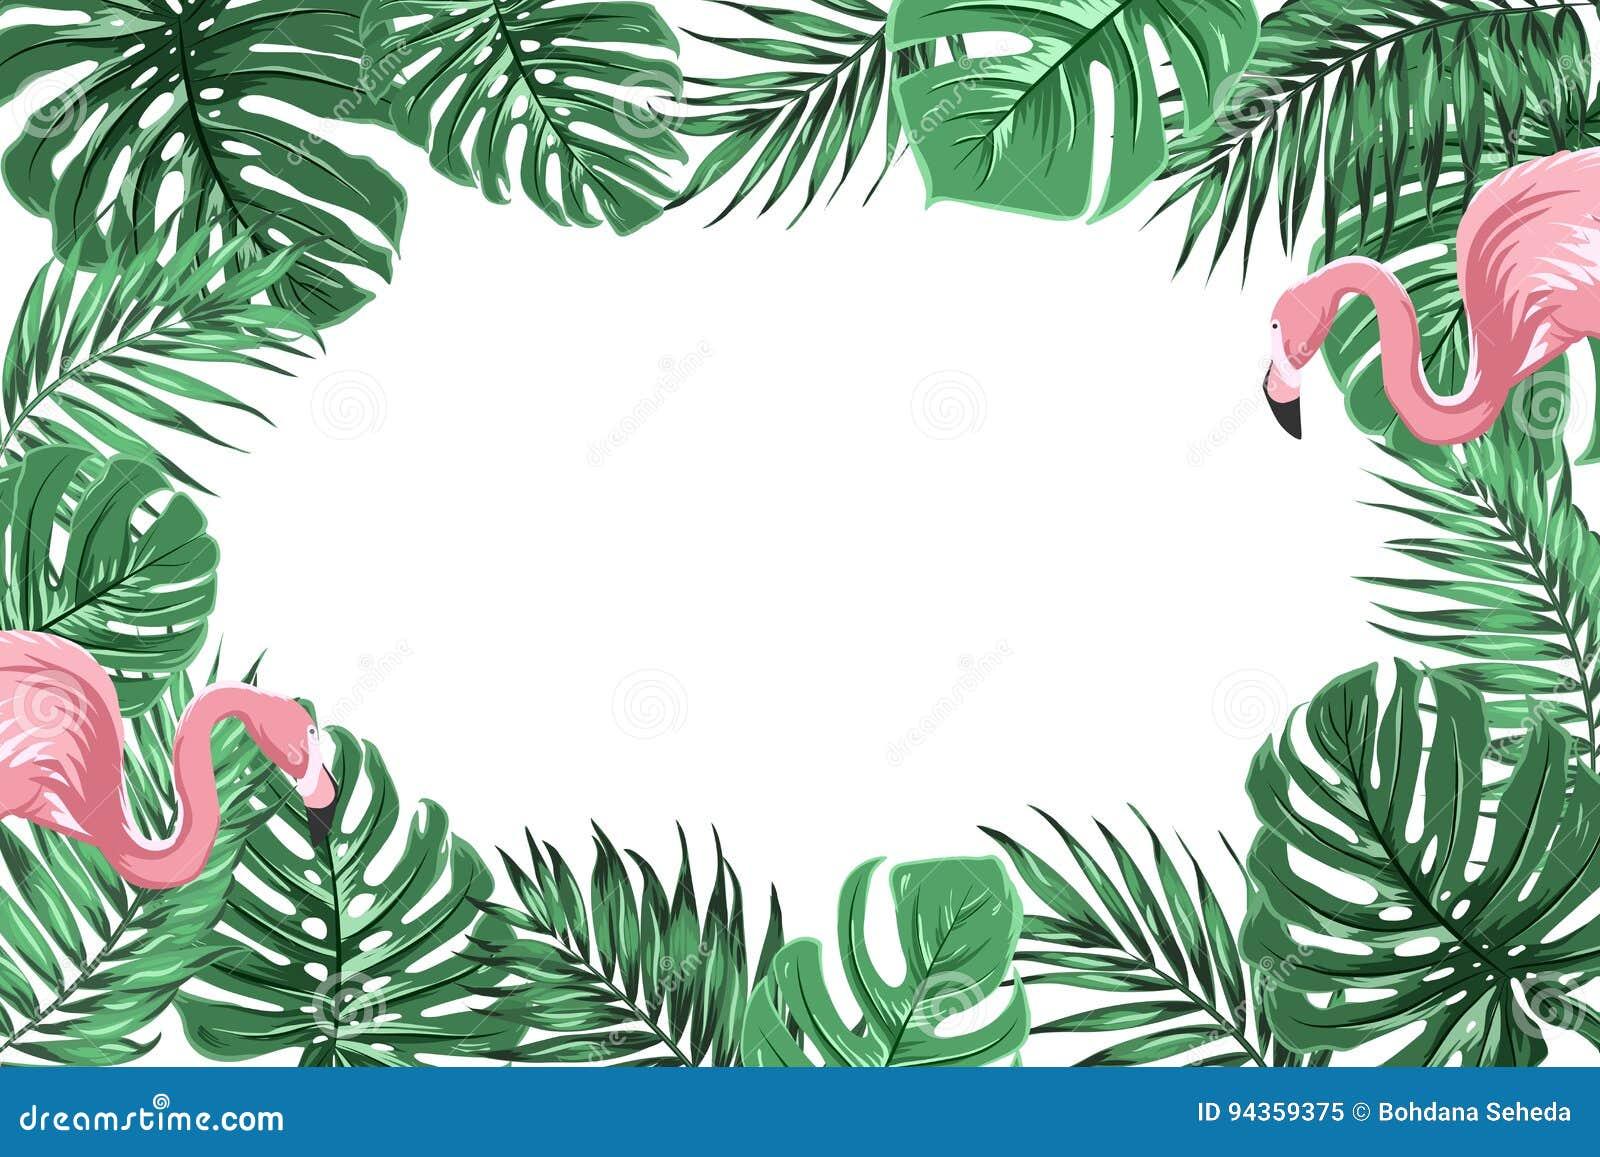 tropical border frame leaves pink flamingo birds cartoon vector 89489639. Black Bedroom Furniture Sets. Home Design Ideas